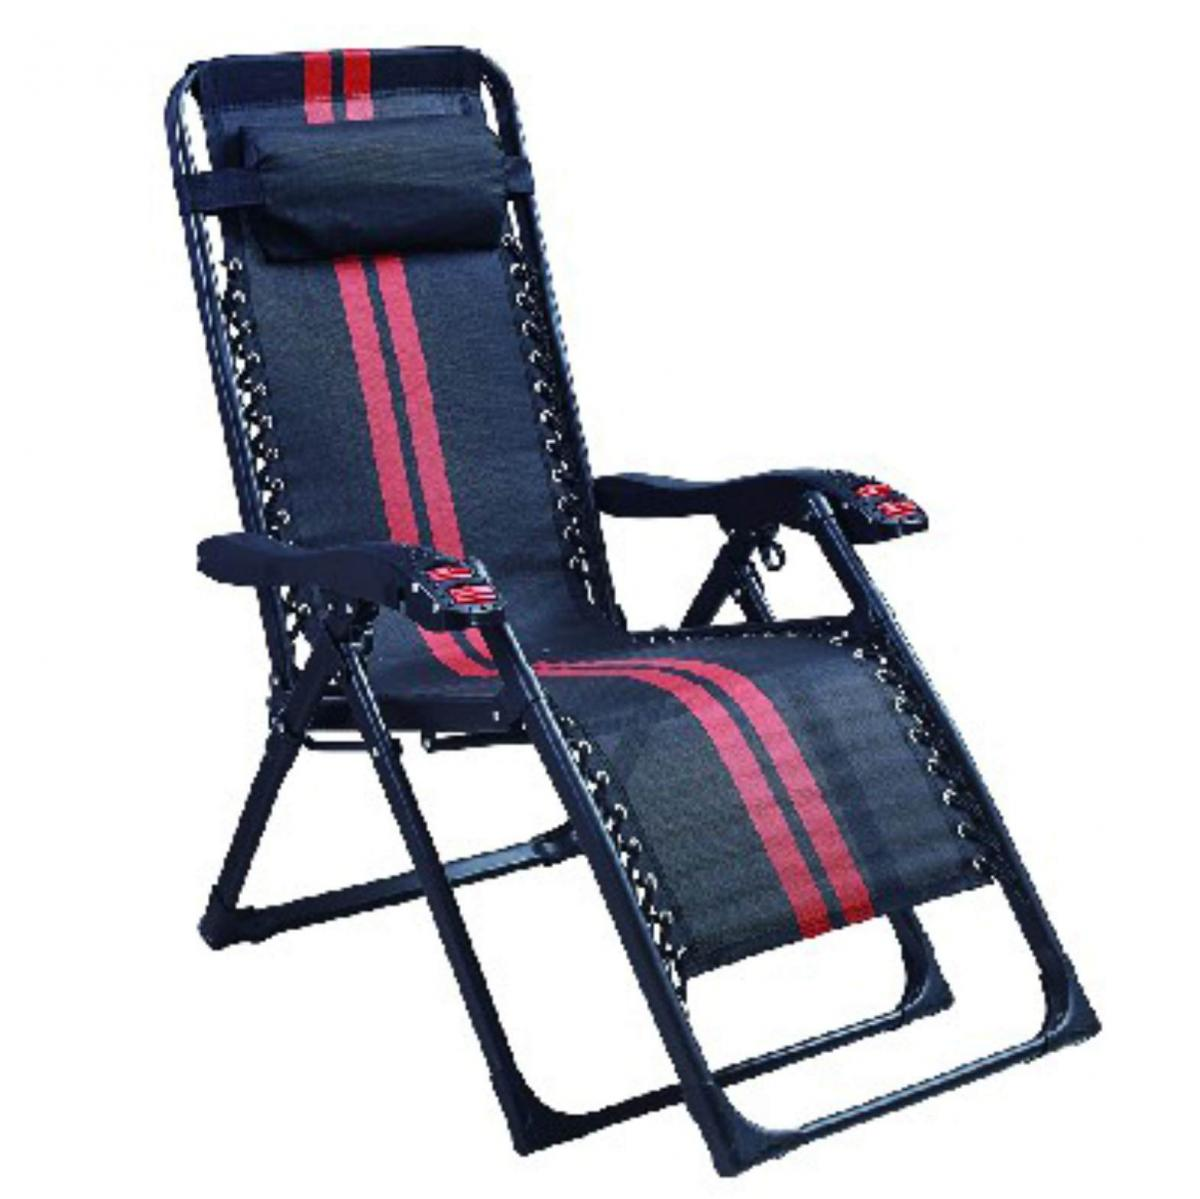 折叠椅休闲午睡午休四季通用办公室阳台可折叠椅子懒人沙滩休闲椅